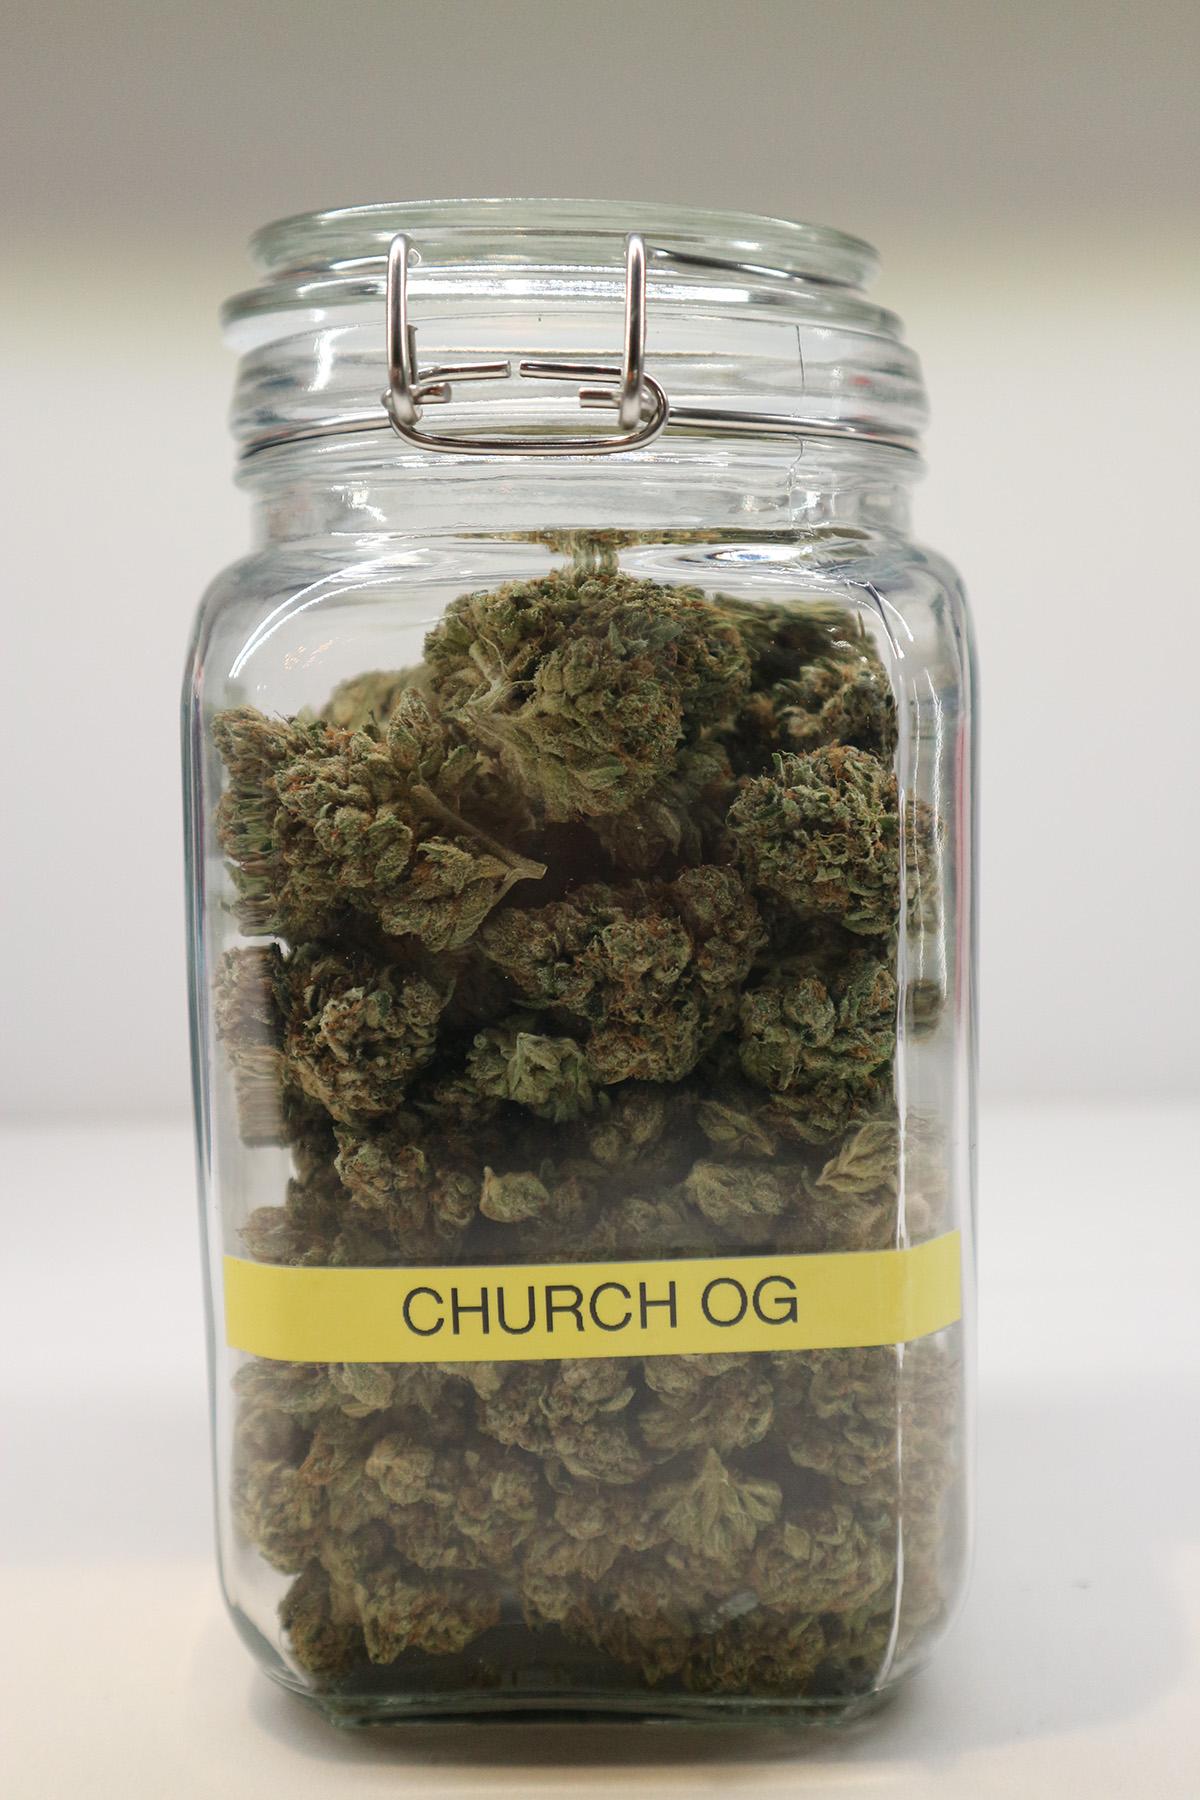 Church OG